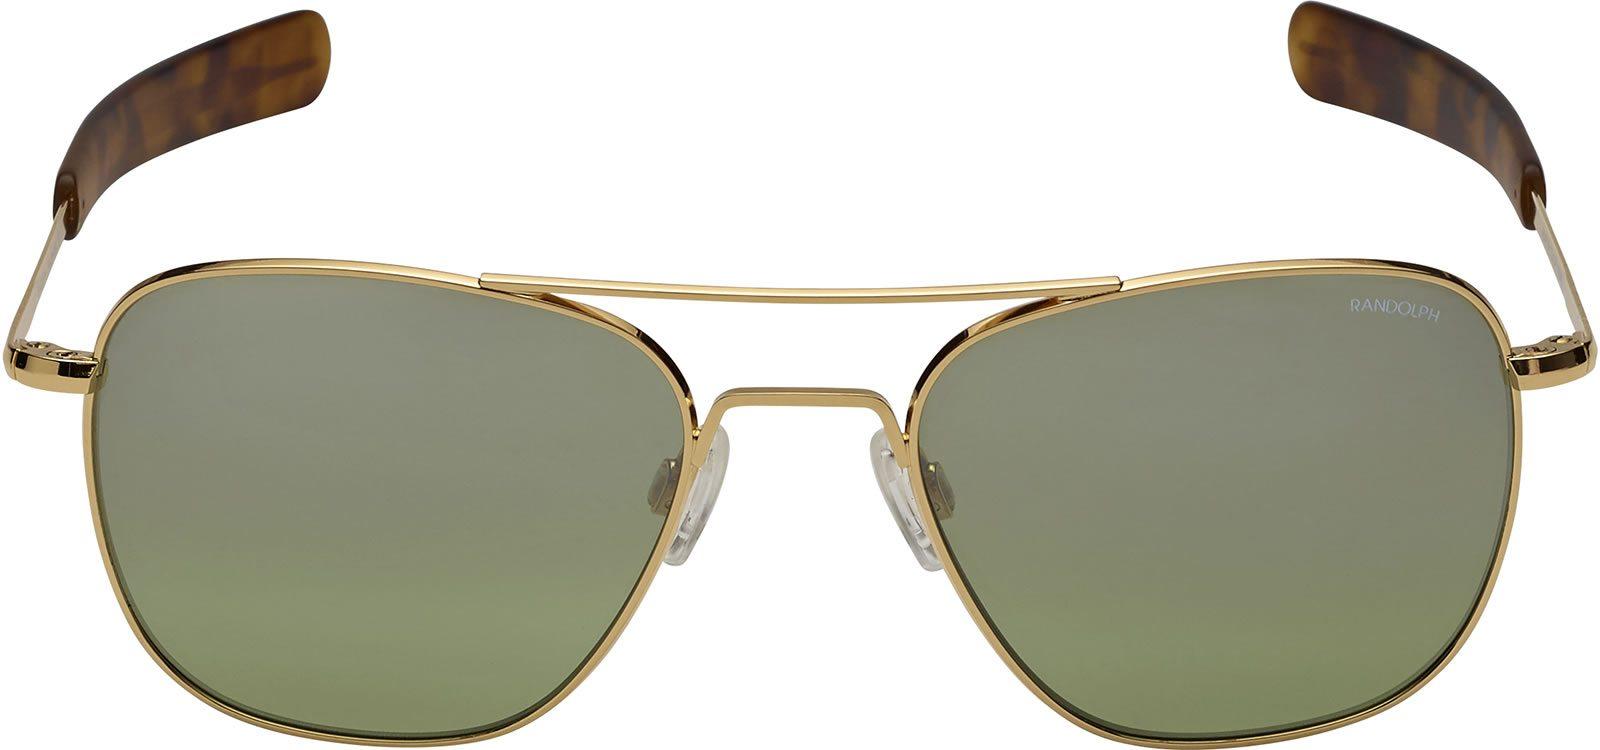 4a1b467ead8 Randolph Aviator AF218 Gold 23K Jade Inf.. 58mm Sonnenbrillen von Randolph  Engineering